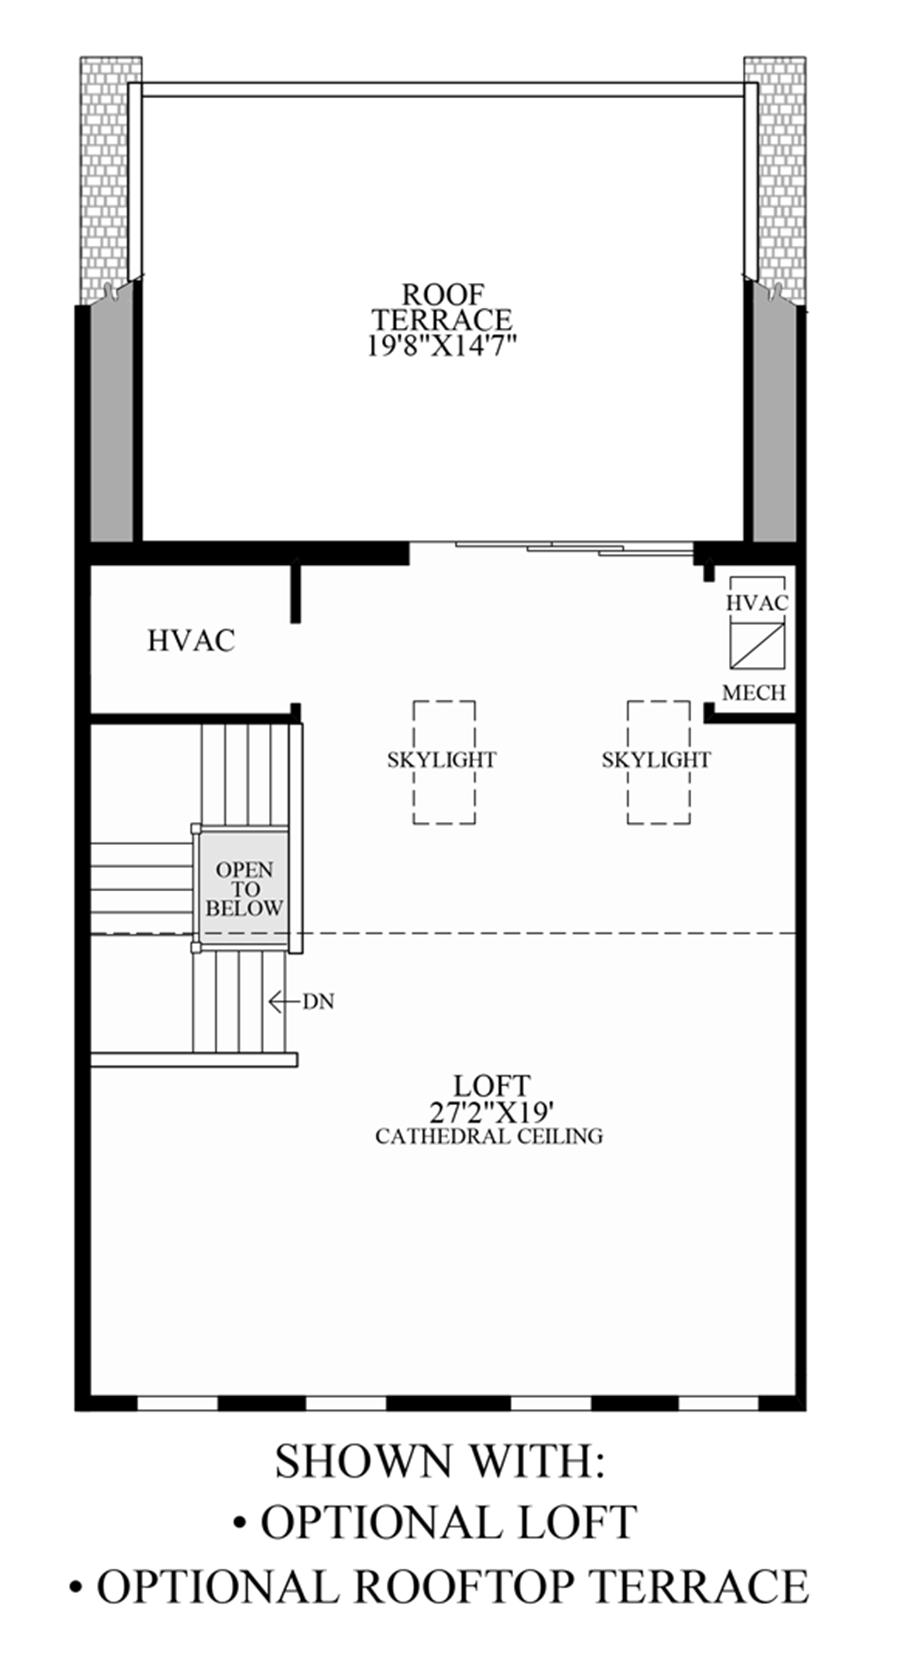 Optional Loft/Rooftop Terrace Floor Plan